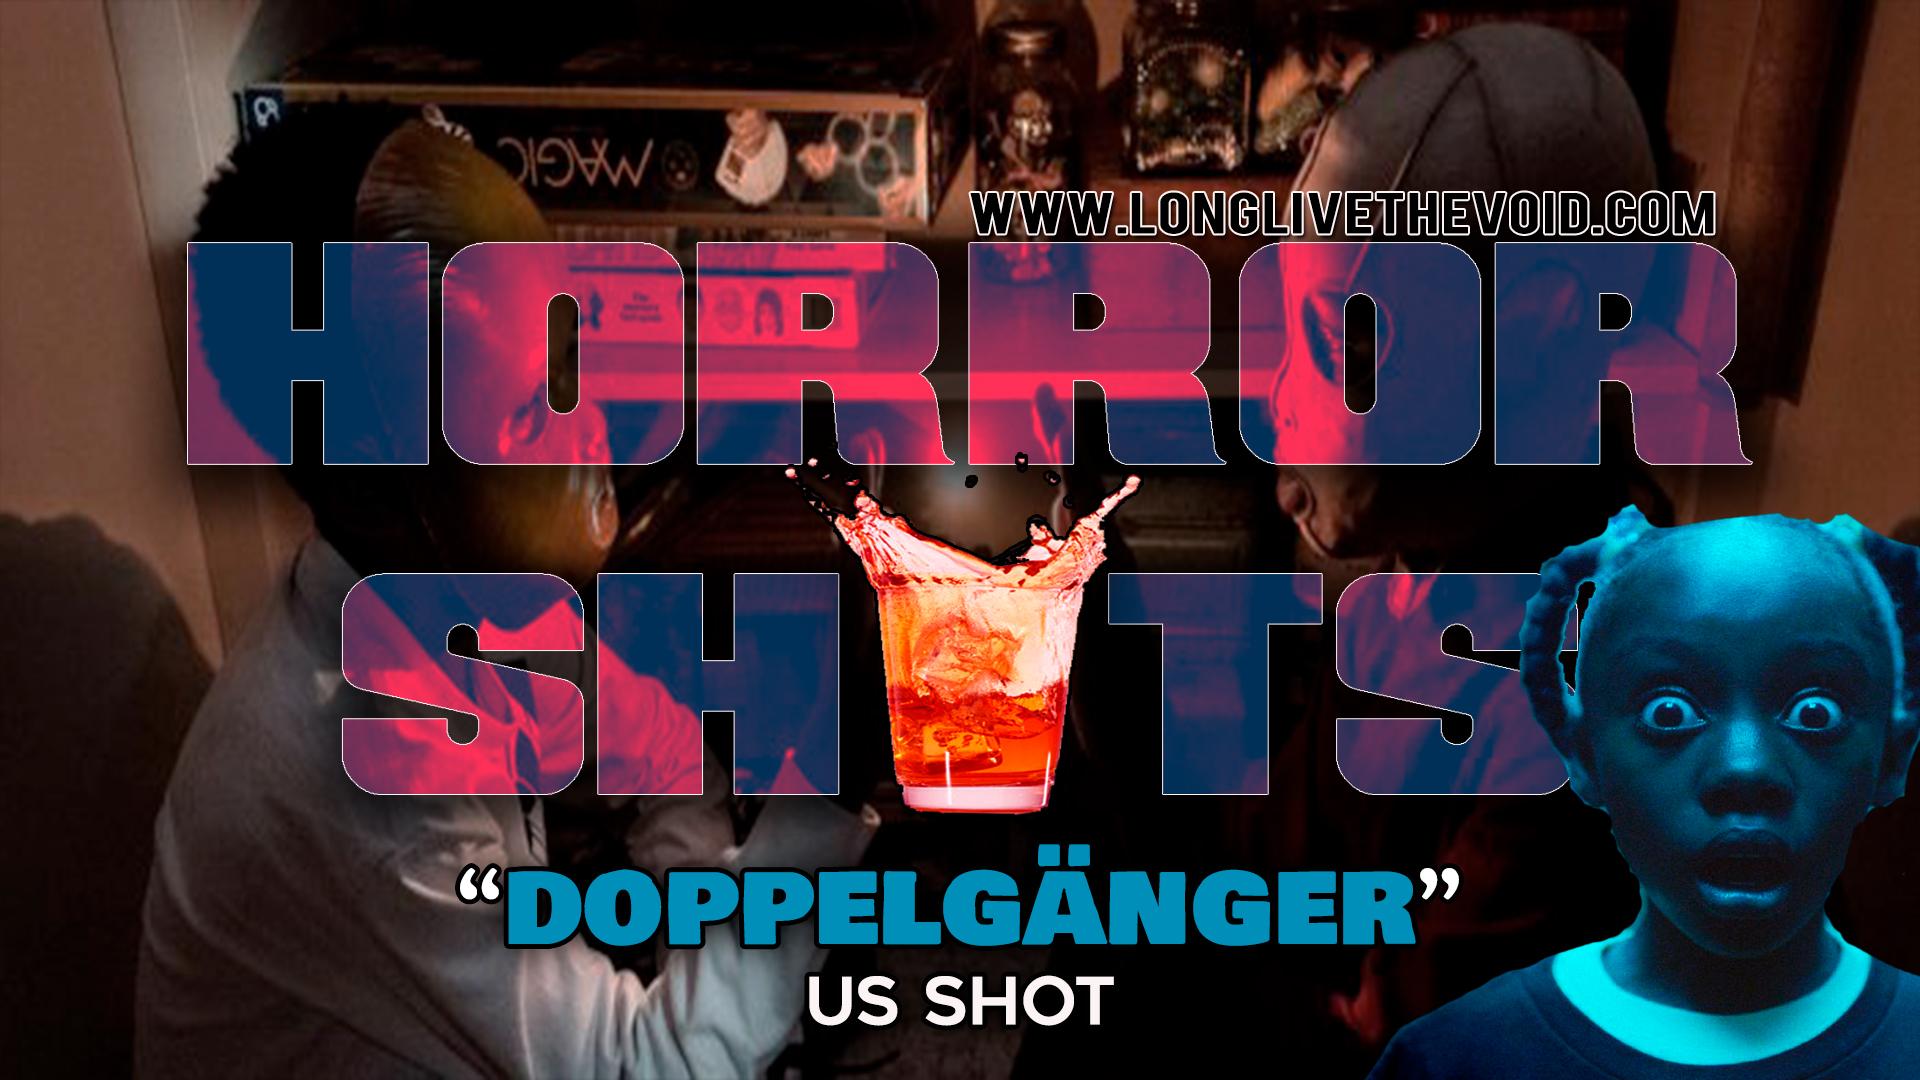 Us-Peele-SHOT.jpg